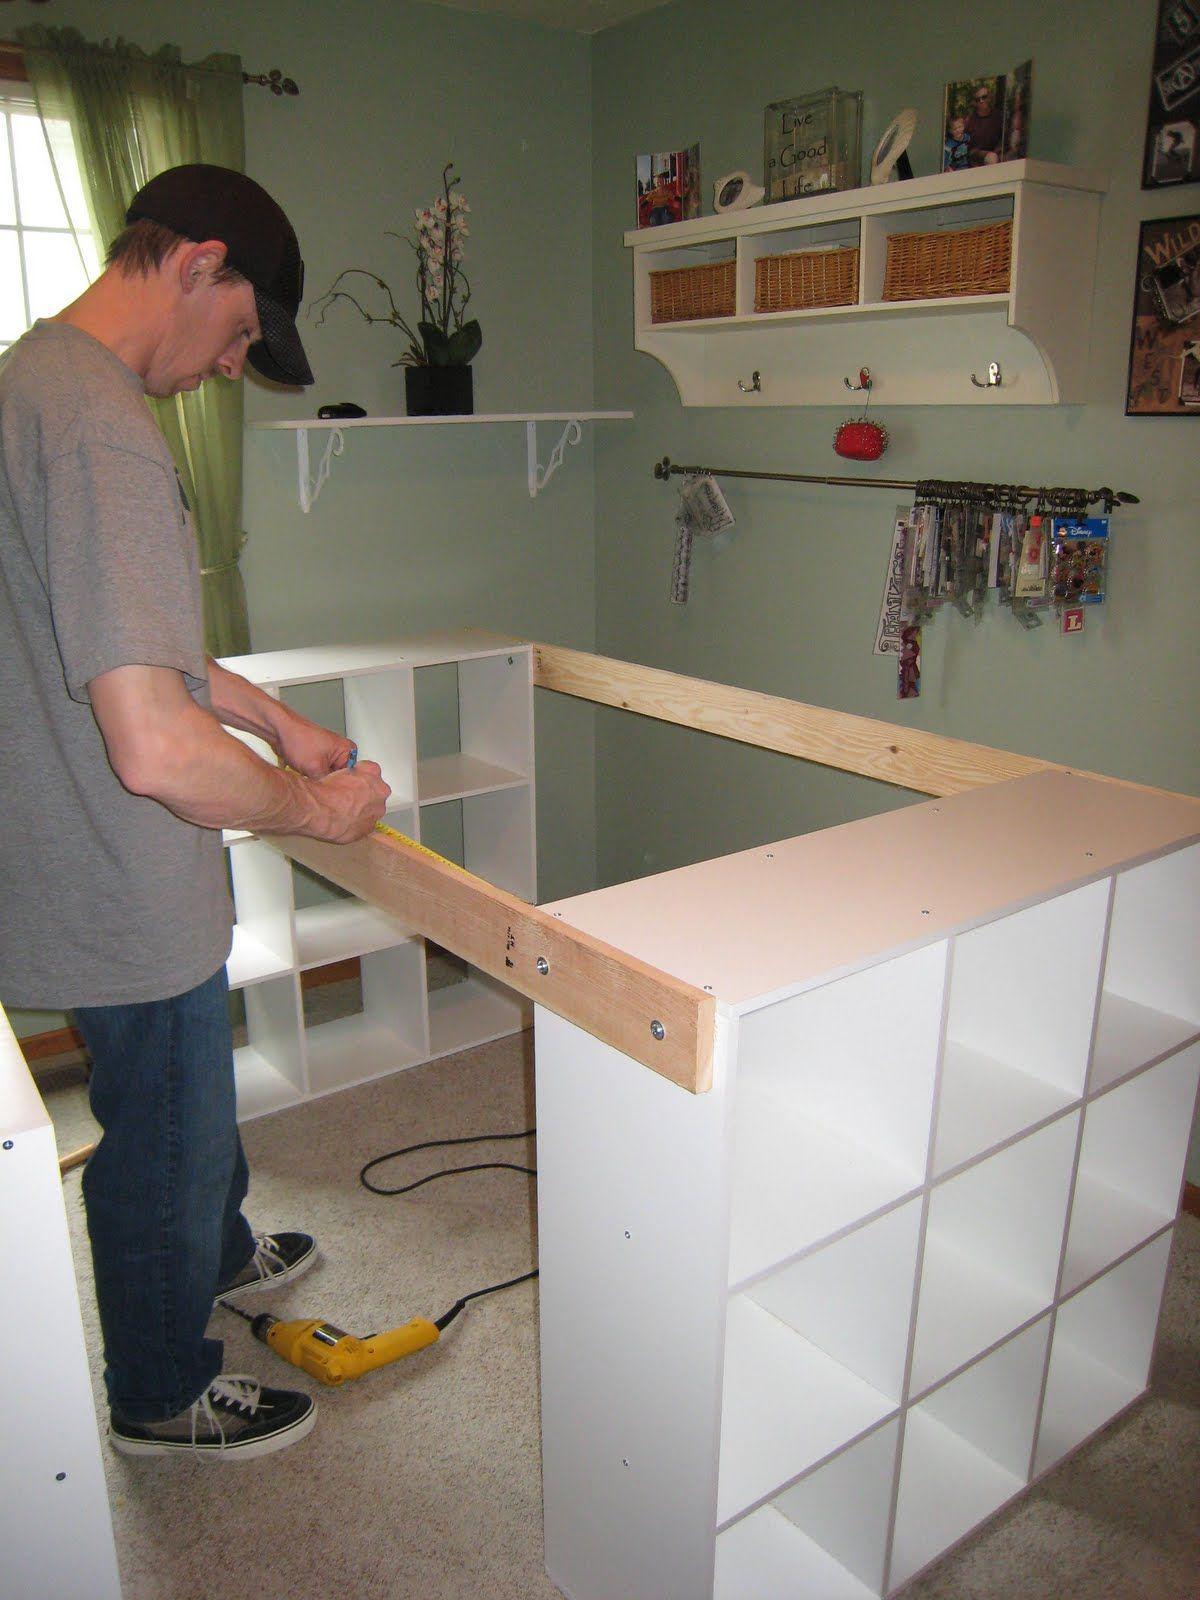 2 bauanleitungen f r heimwerker werktisch und werkbank selber bauen diy ideen pinterest. Black Bedroom Furniture Sets. Home Design Ideas